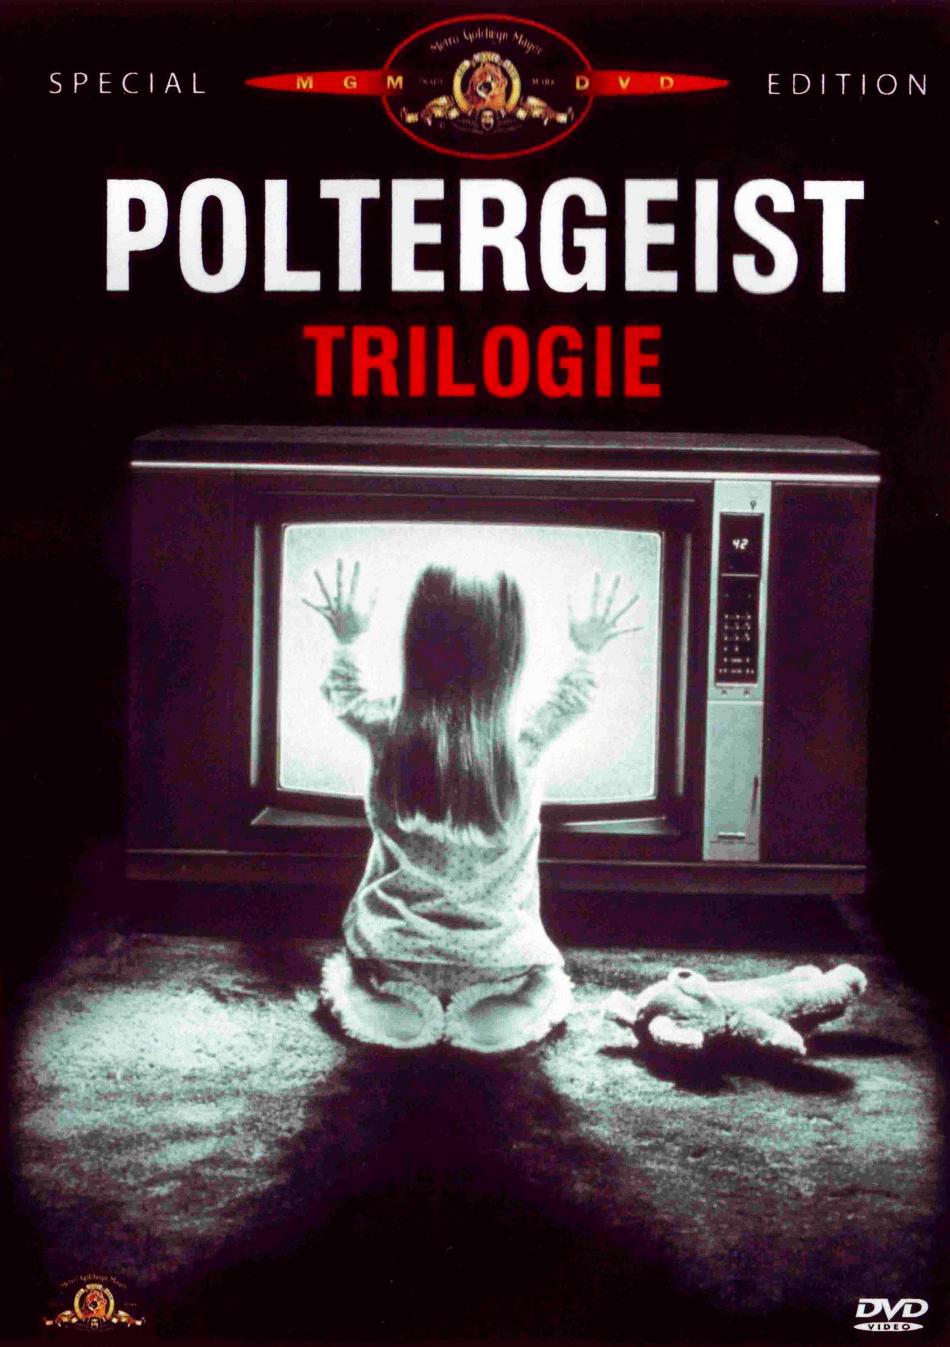 Полтергейст: Трилогия - Poltergeist- Trilogy